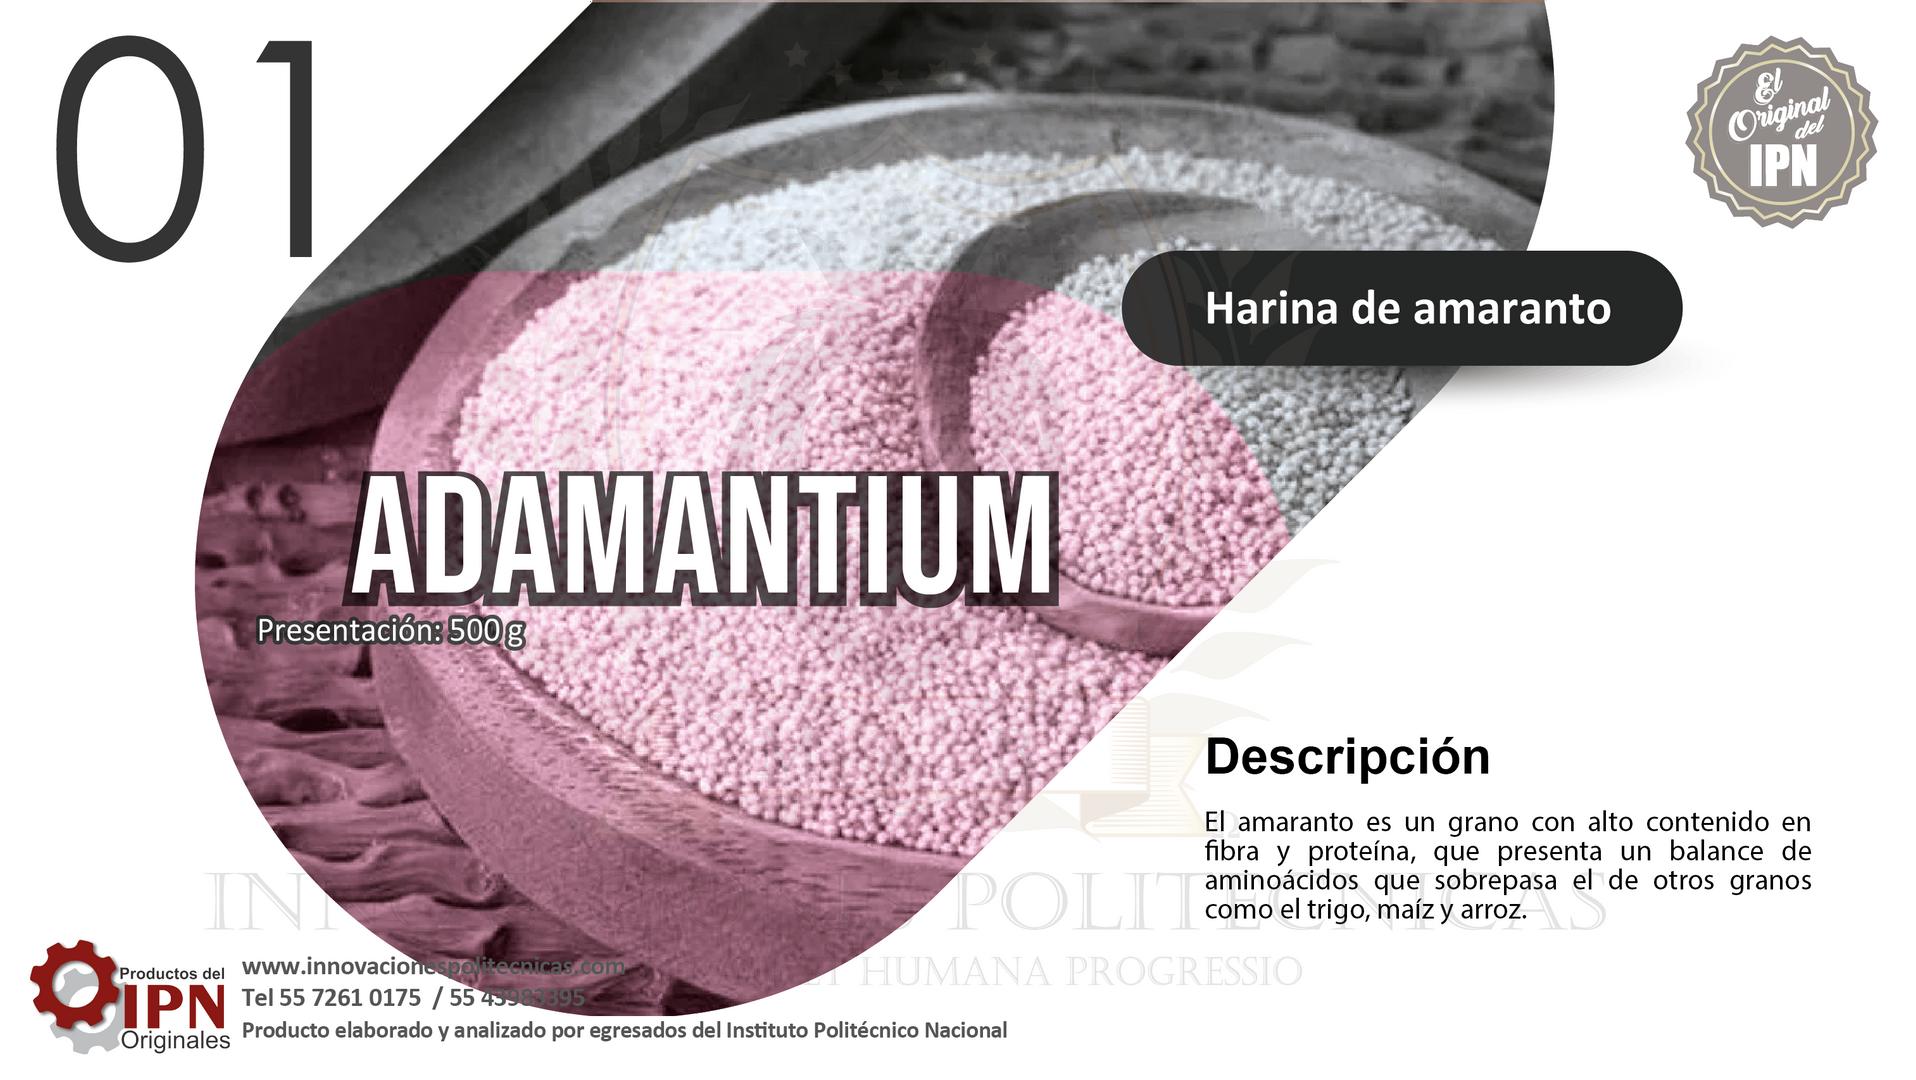 Adamantium-01.png